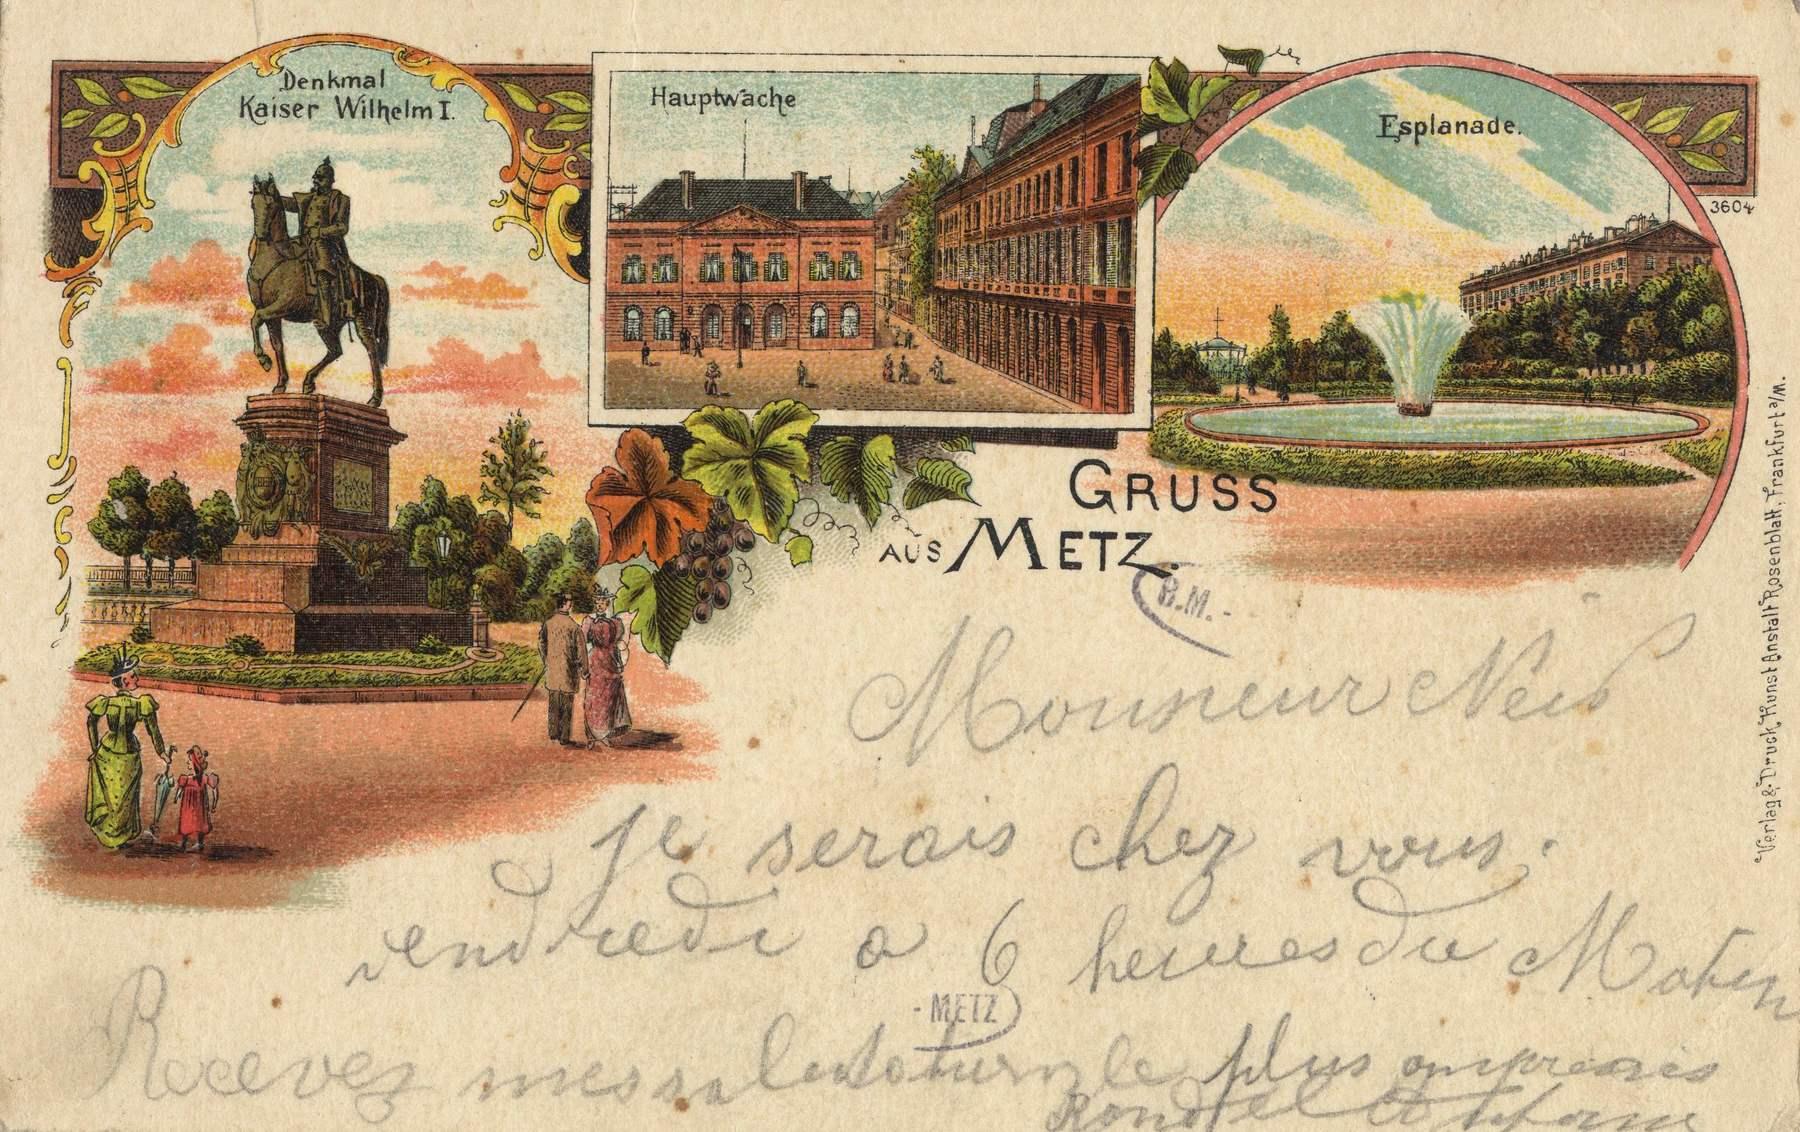 Contenu du Gruss aus Metz